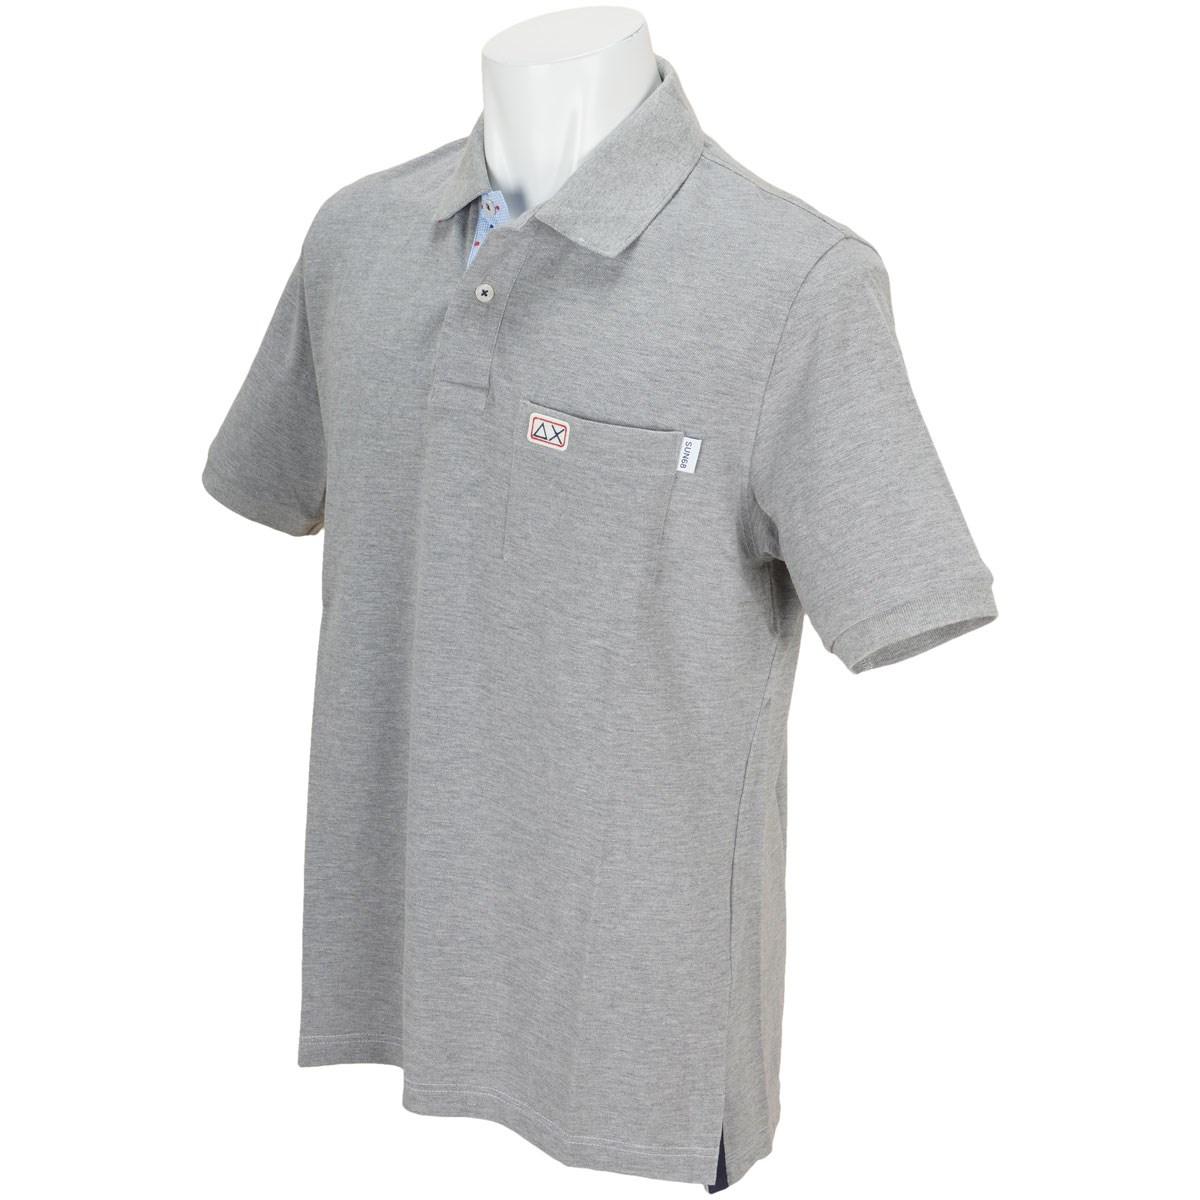 サンシックスティエイト 衿裏小紋柄半袖ポロシャツ